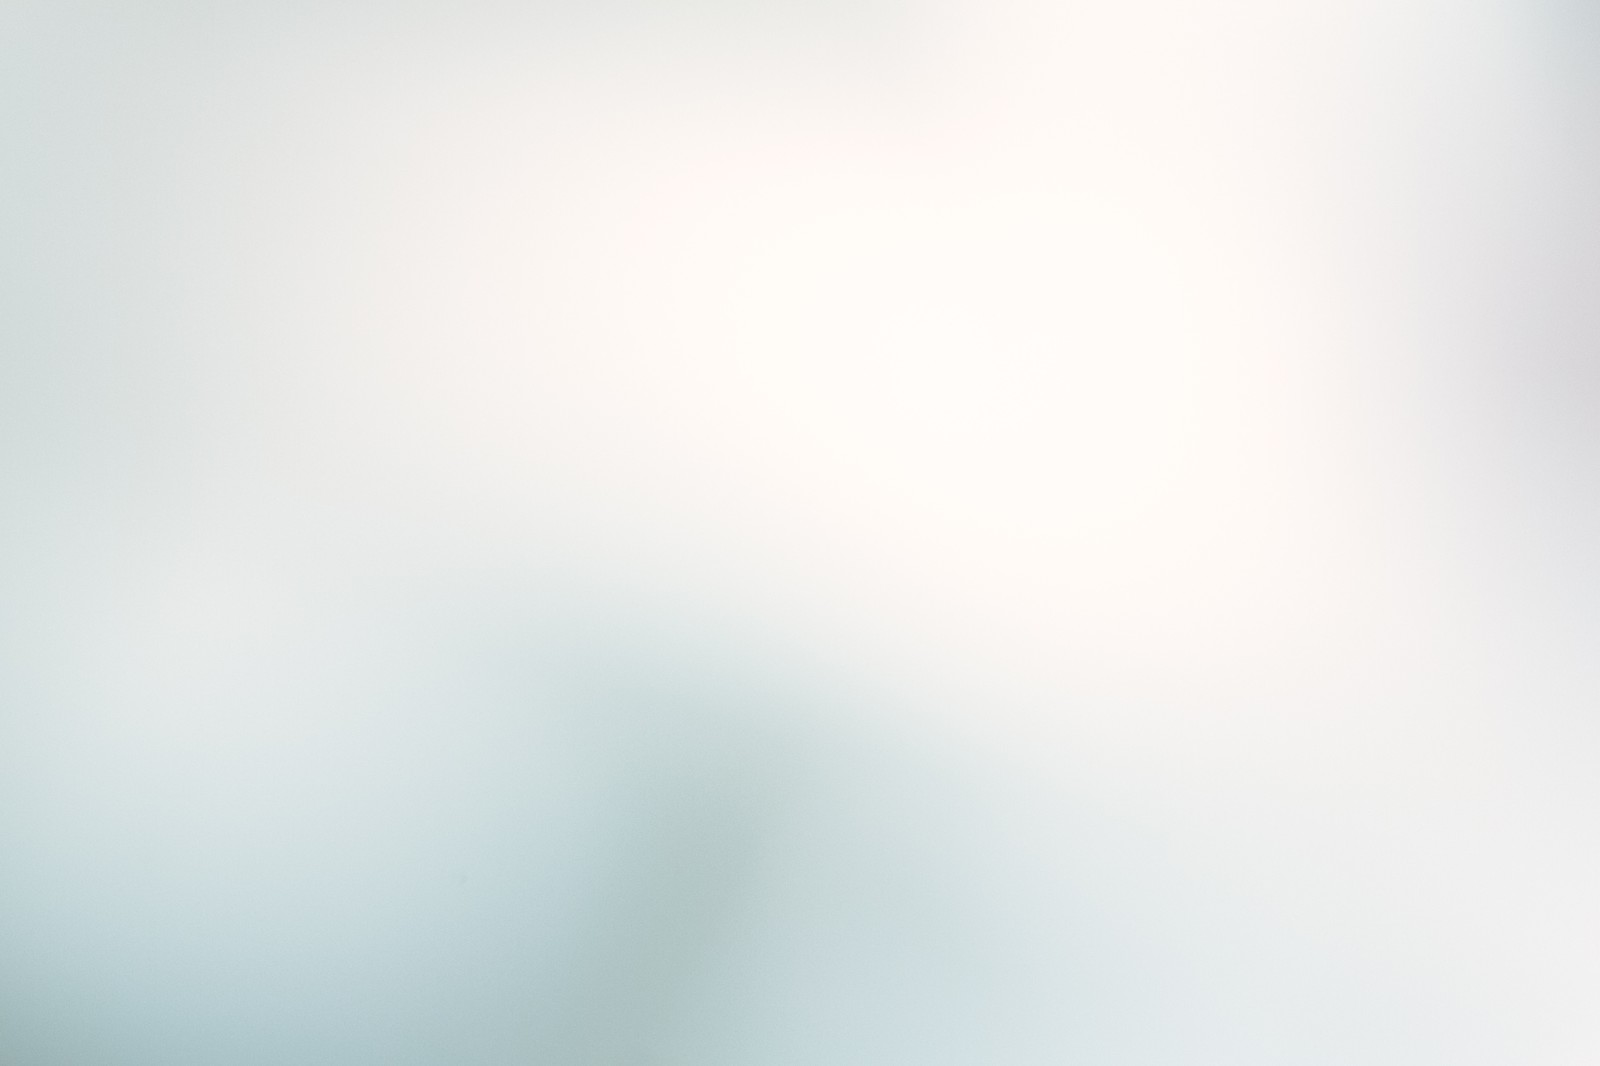 「淡い光に包まれて」の写真